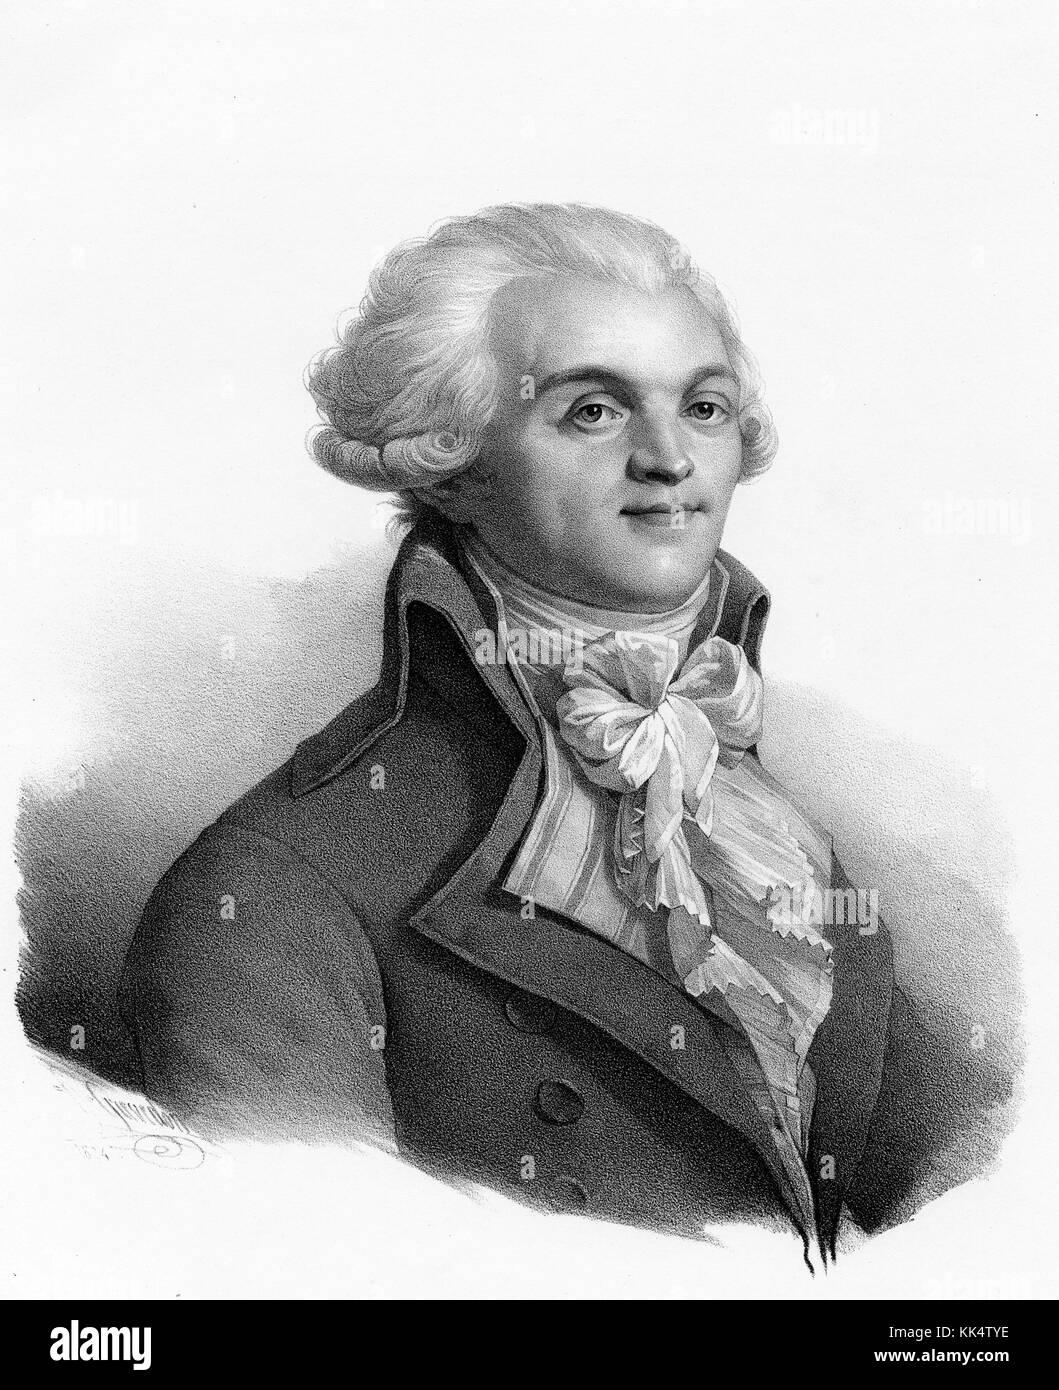 Una incisione da un ritratto di Maximilien Robespierre, egli era un  avvocato francese e del